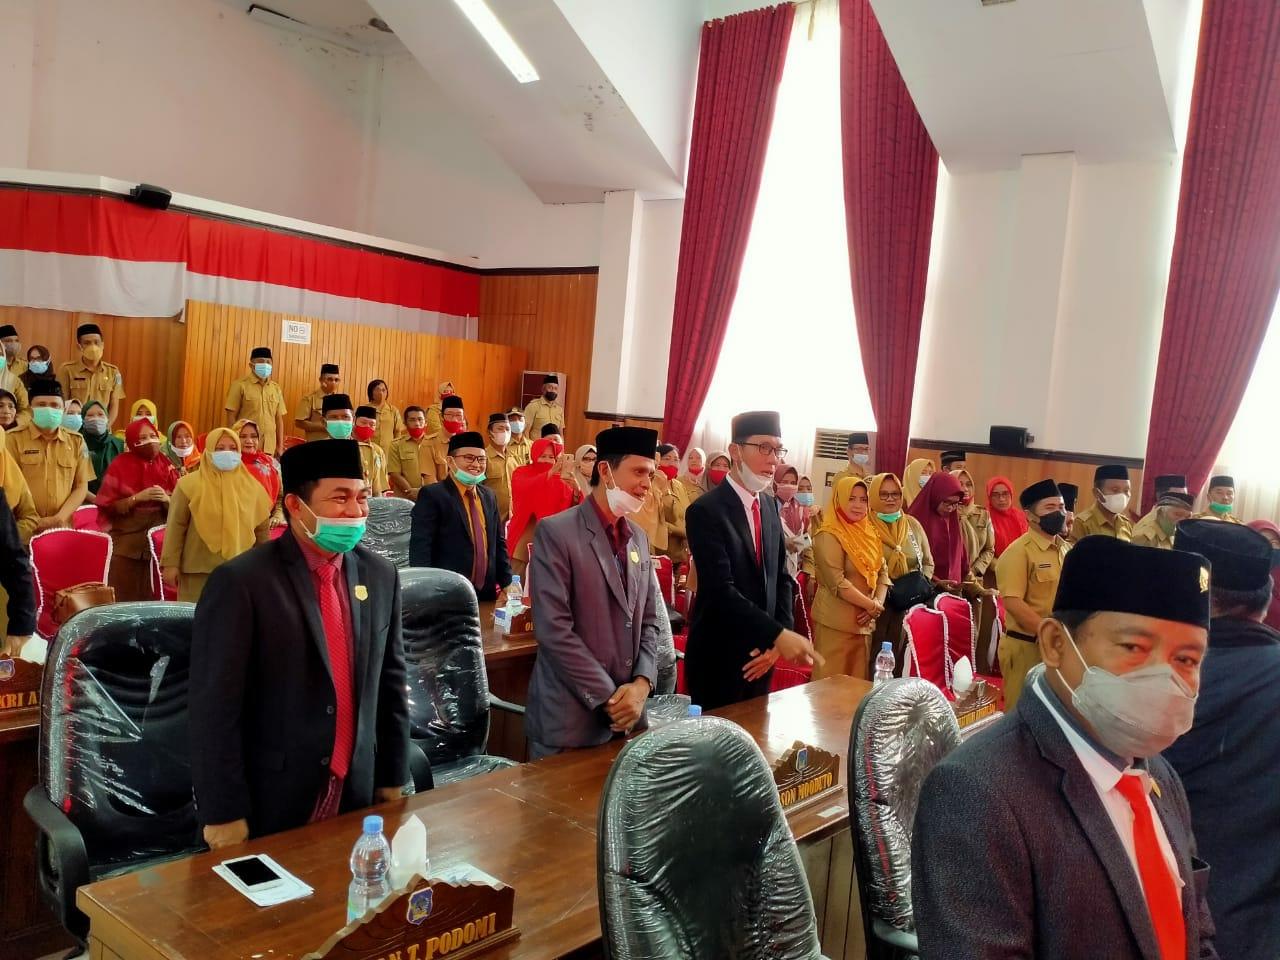 Rapat-Paripurna-DPRD-Bolsel-dalam-rangka-mendengarkan-pidato-Bupati-dan-Wakil-Bupati-Bolsel-masa-jabatan-2021-2024-1